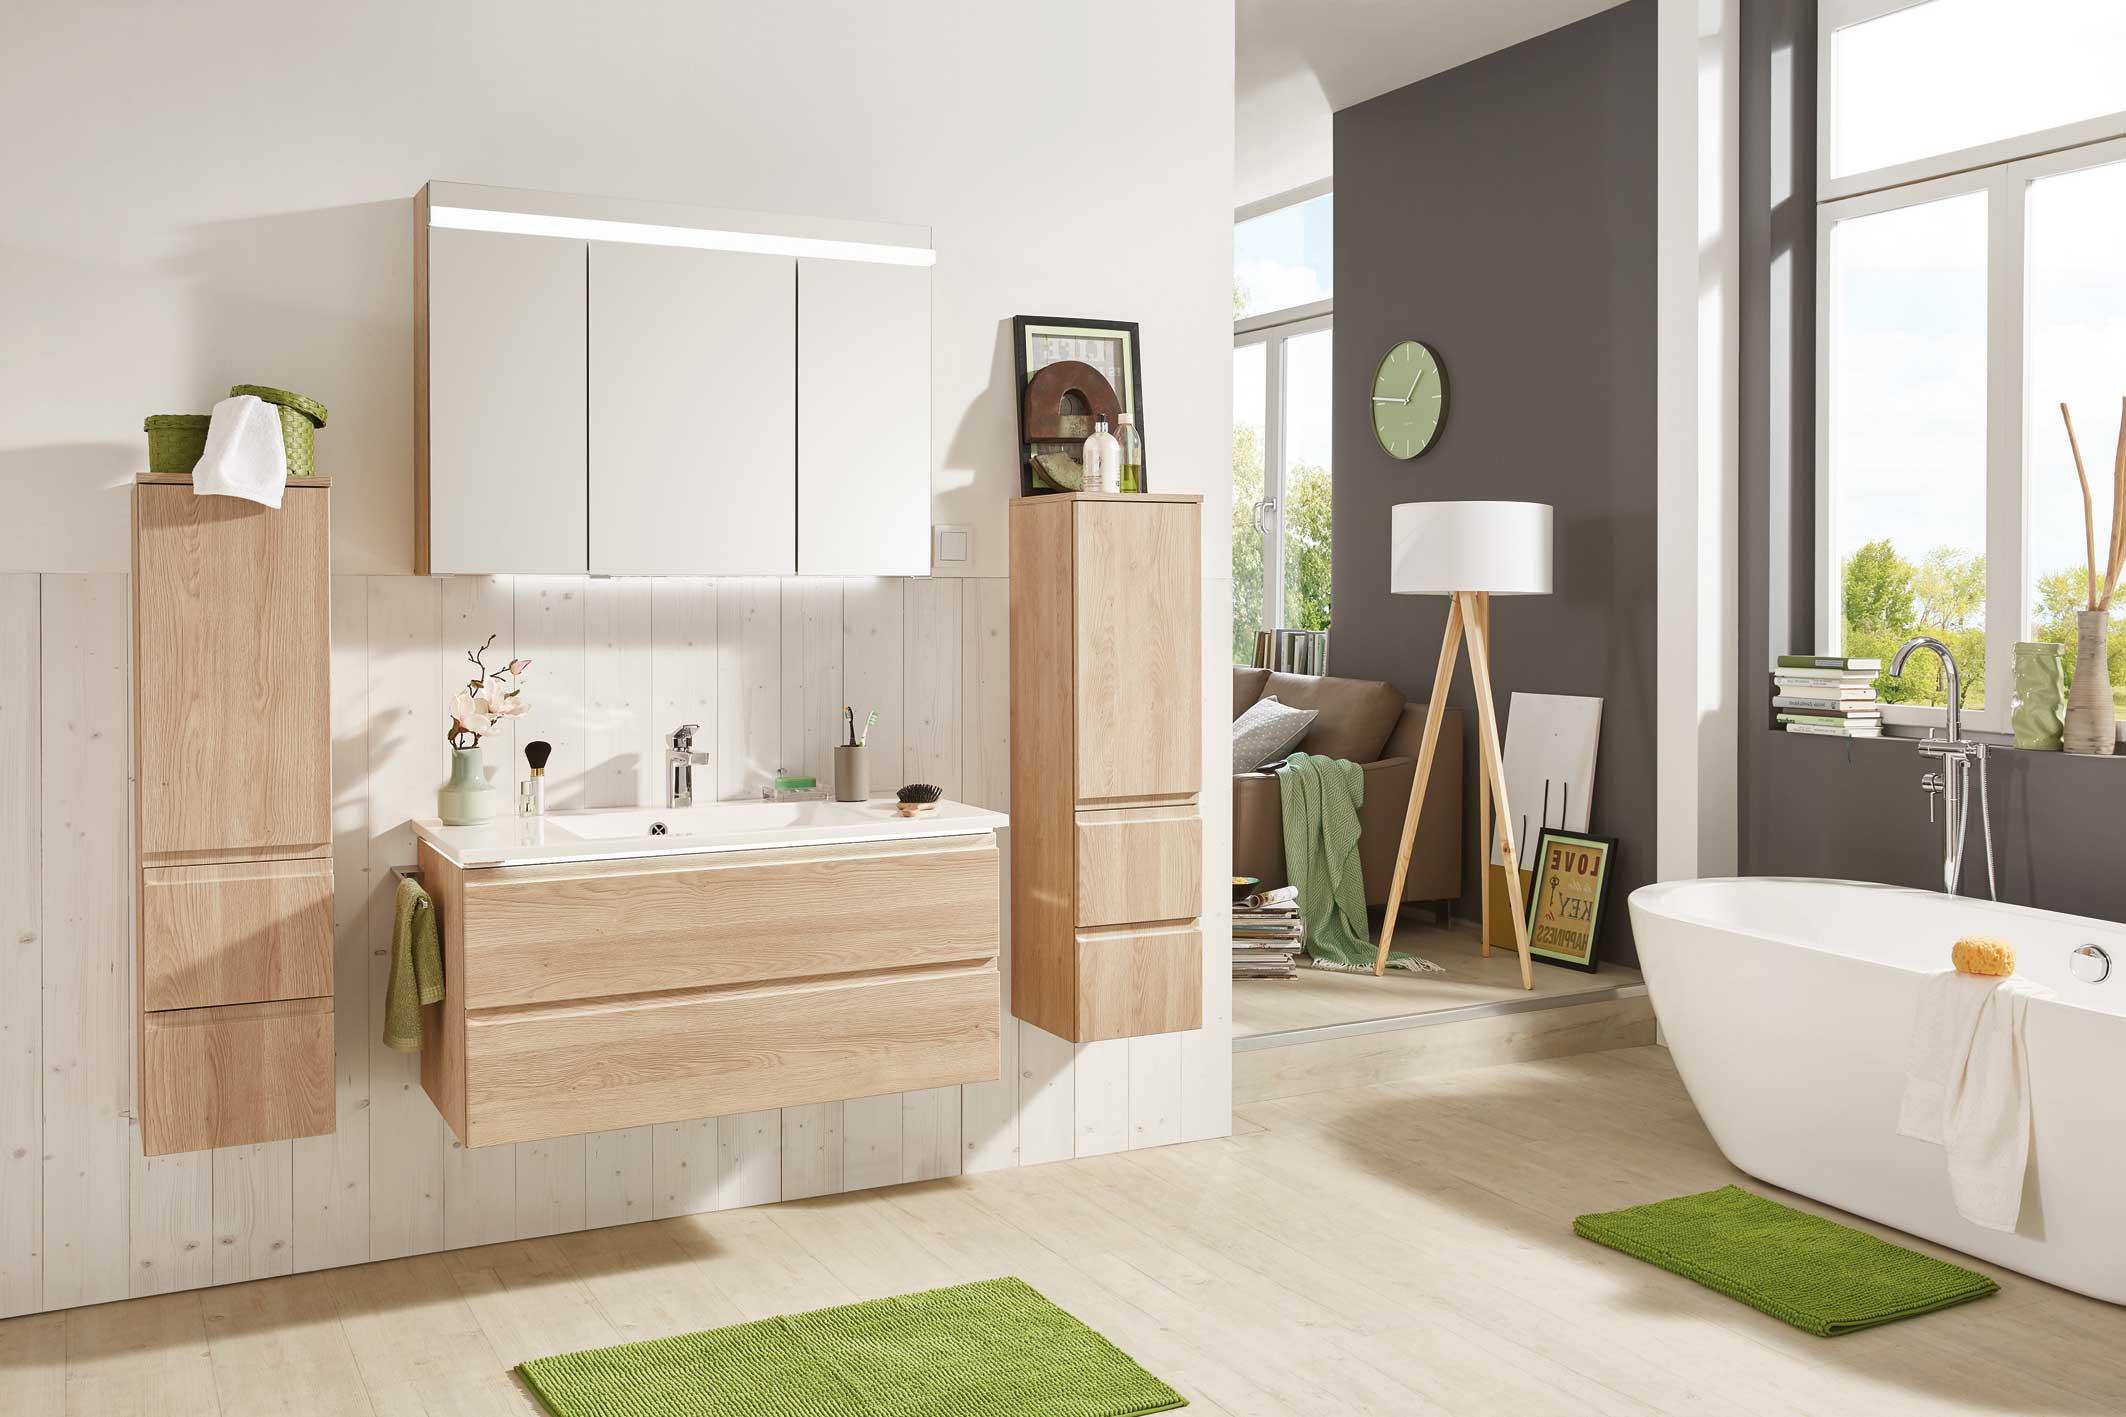 Air meubles de salle de bains baignoires fabricant - Fabricant meuble de salle de bain ...